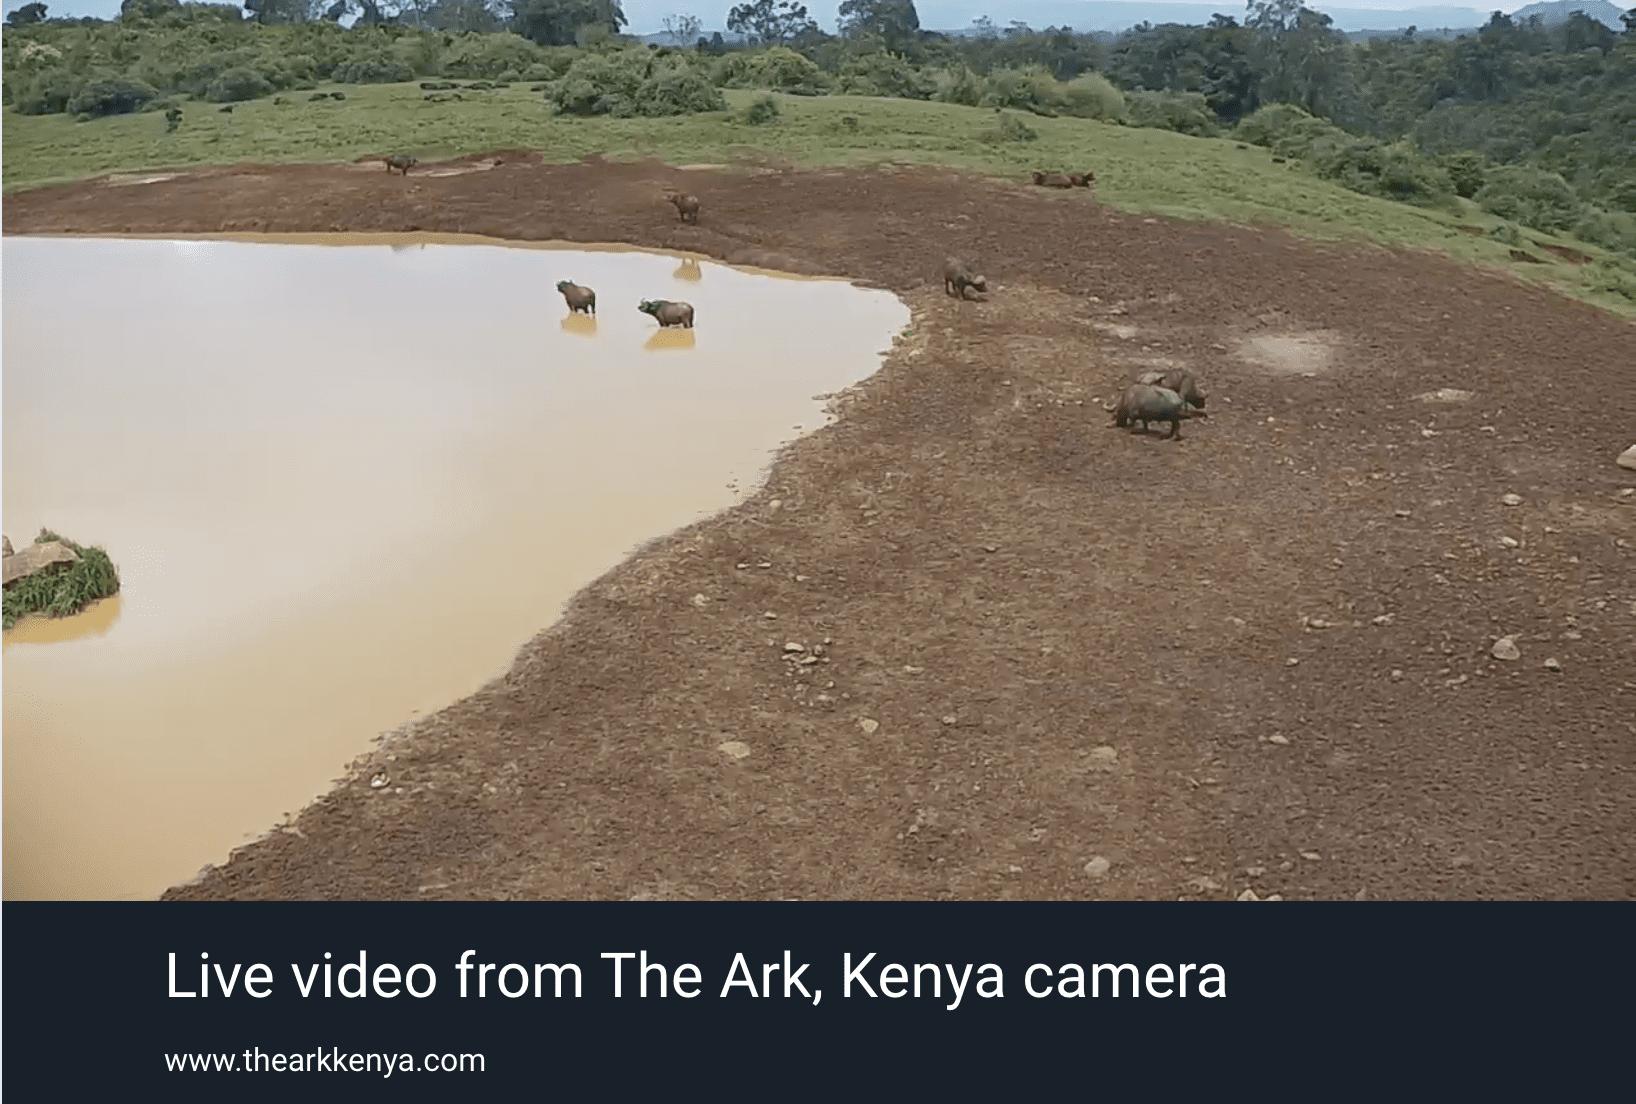 webcam safari the ark kenya